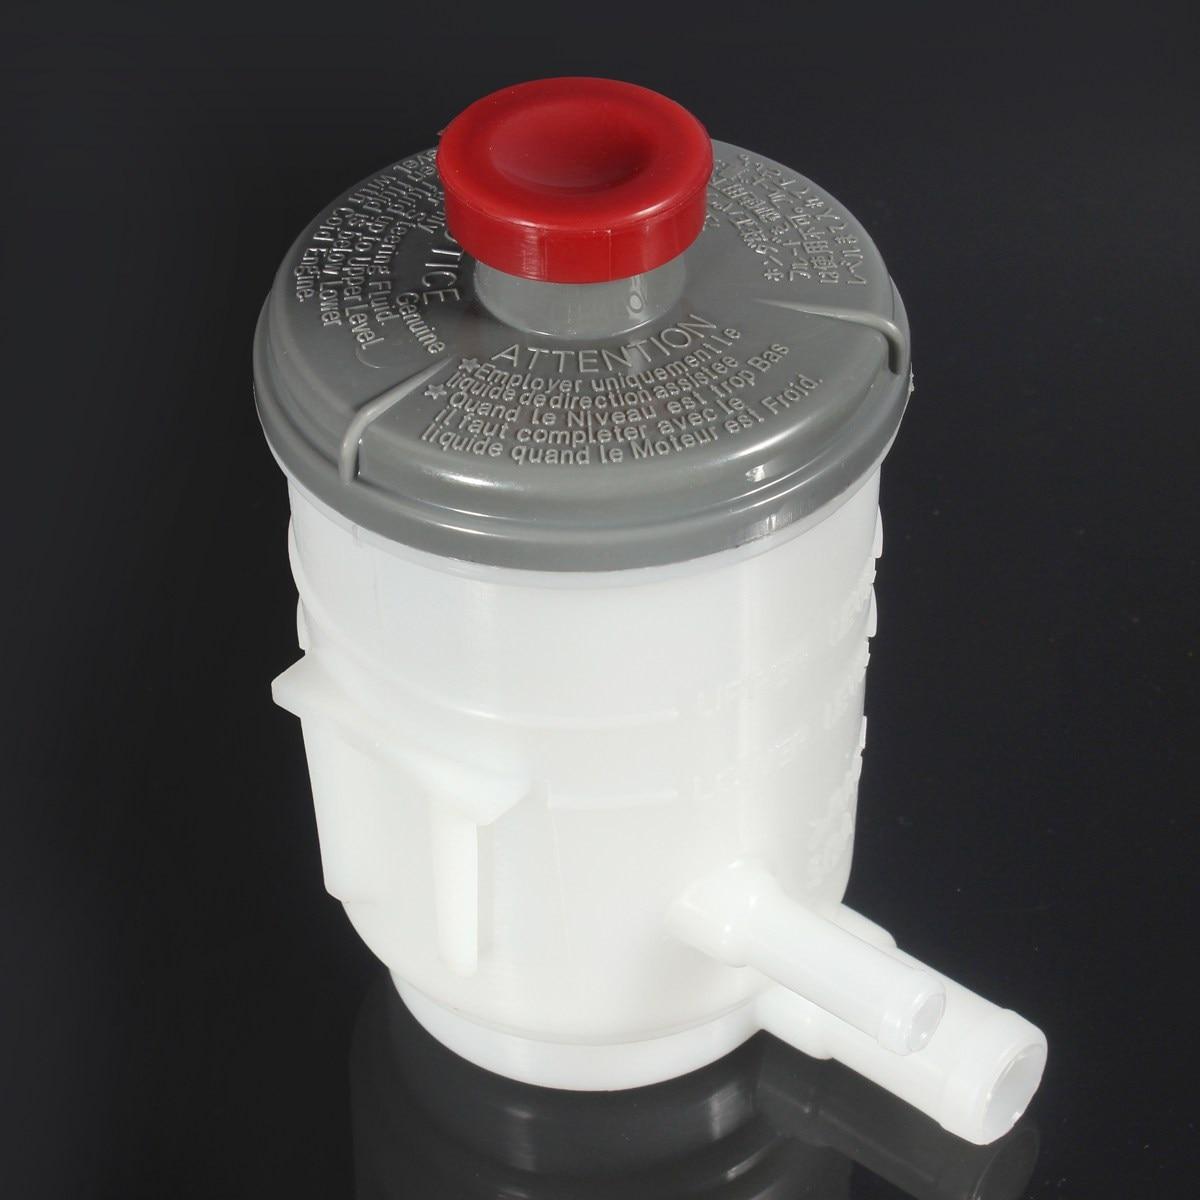 Car Power Steering Pump Reservoir Reservoir Oil Tank Bottle For Honda-Accord 2003-2007 For Acura TSX/RL/TL 2005-2012 53701SDAA01